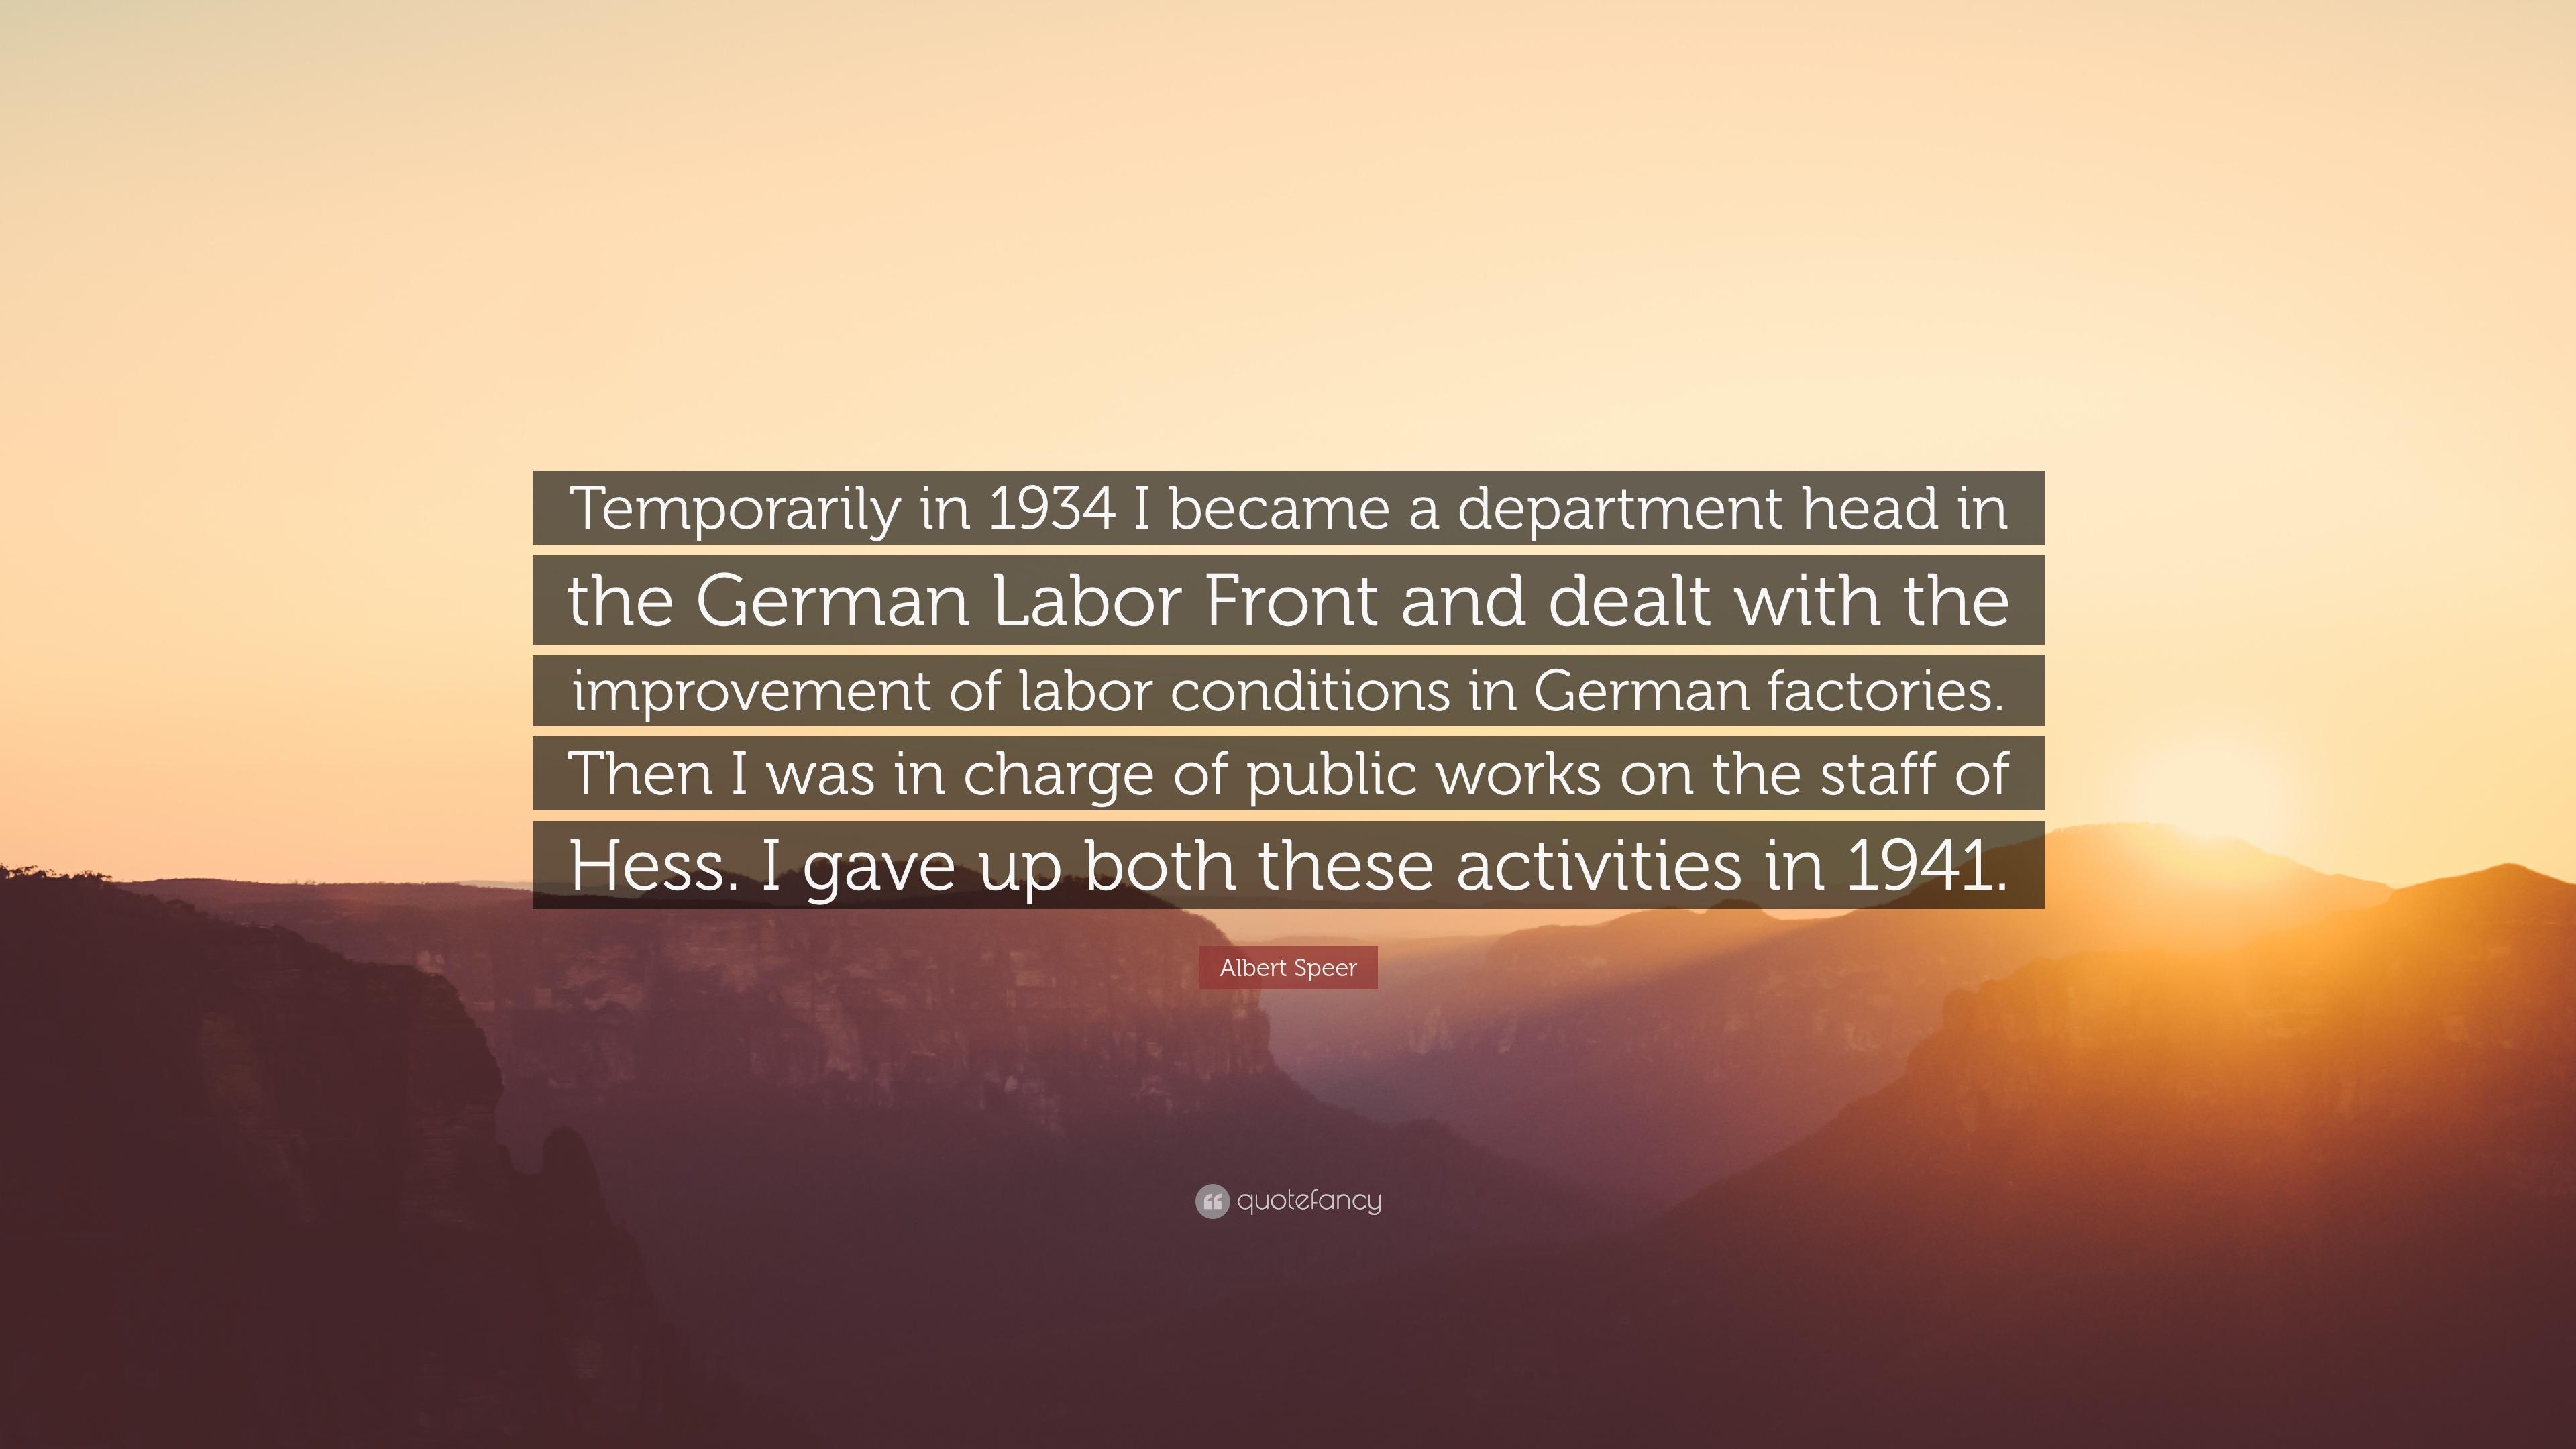 albert speers life and works Albert speer was born on march 19, 1905 in mannheim, baden-württemberg, germany as berthold konrad hermann albert speer he is known for his work on.